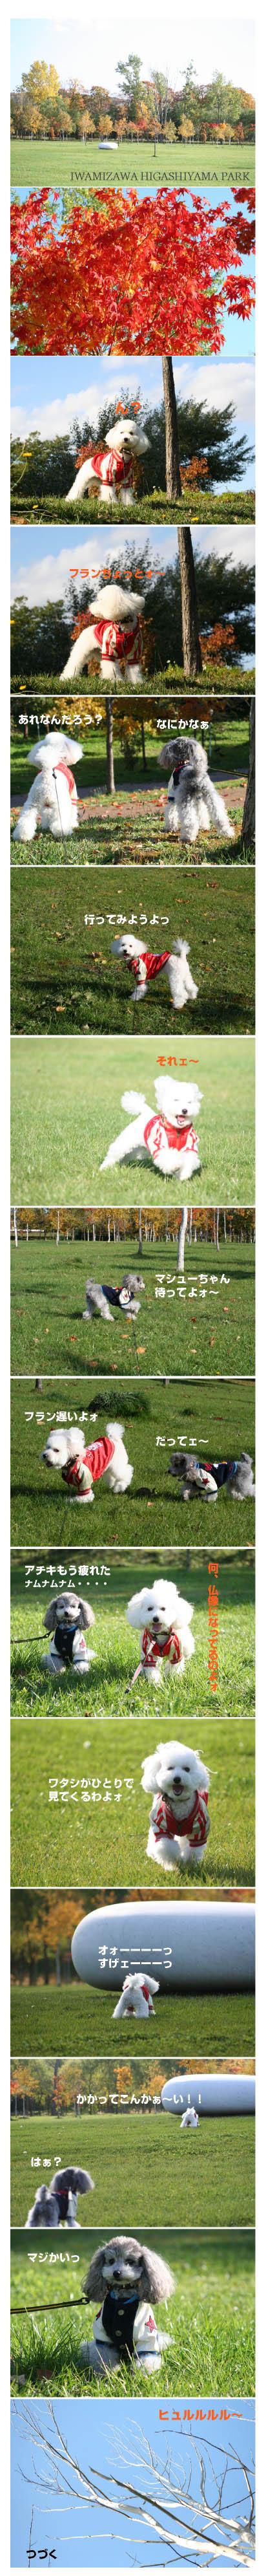 07.10.24higashiyamapark1.jpg